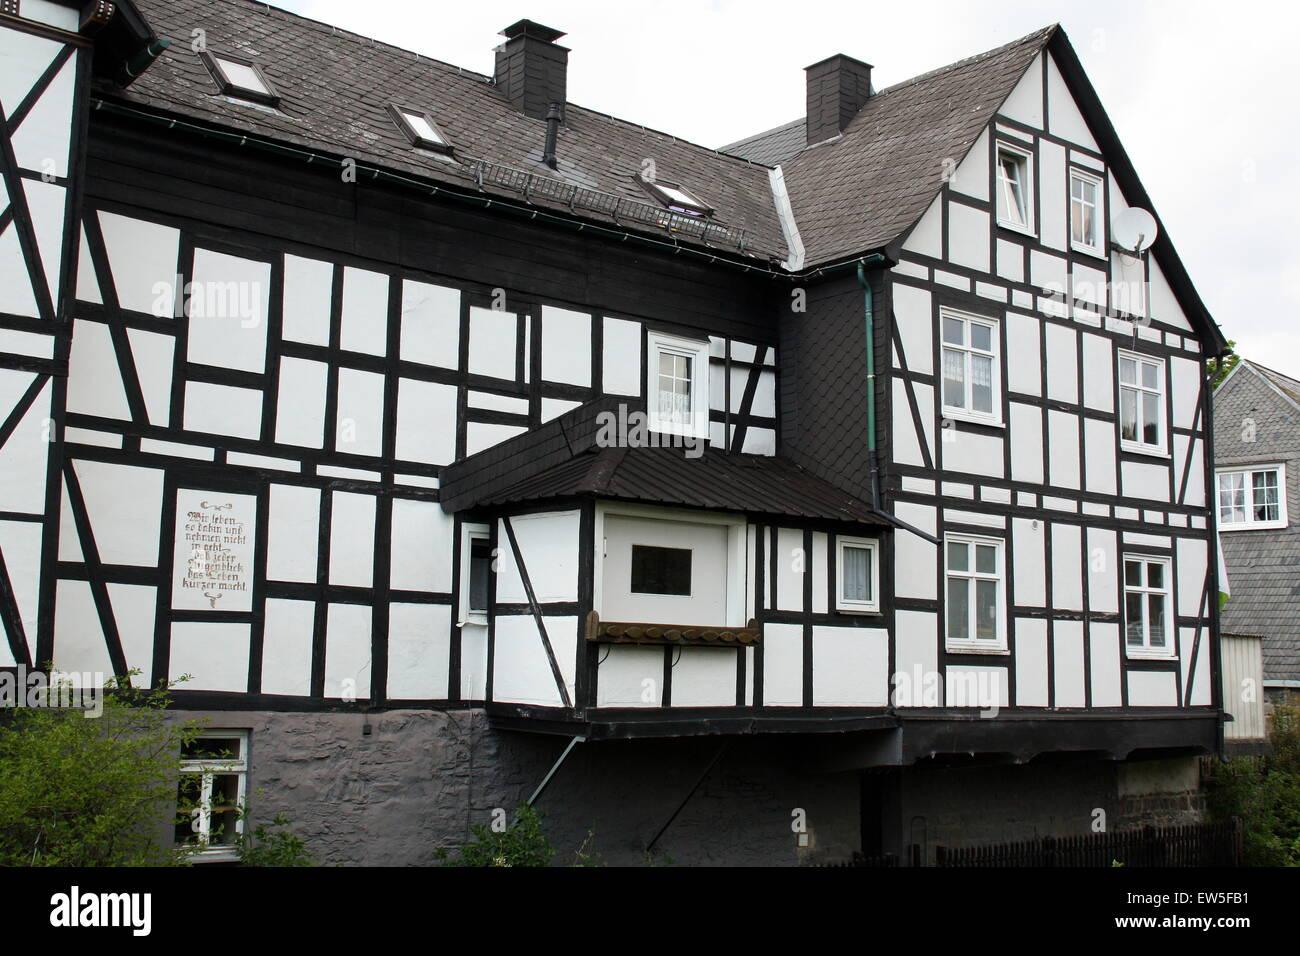 Großartig Fertig Ein Rahmenhaus Zu Verkaufen Bilder